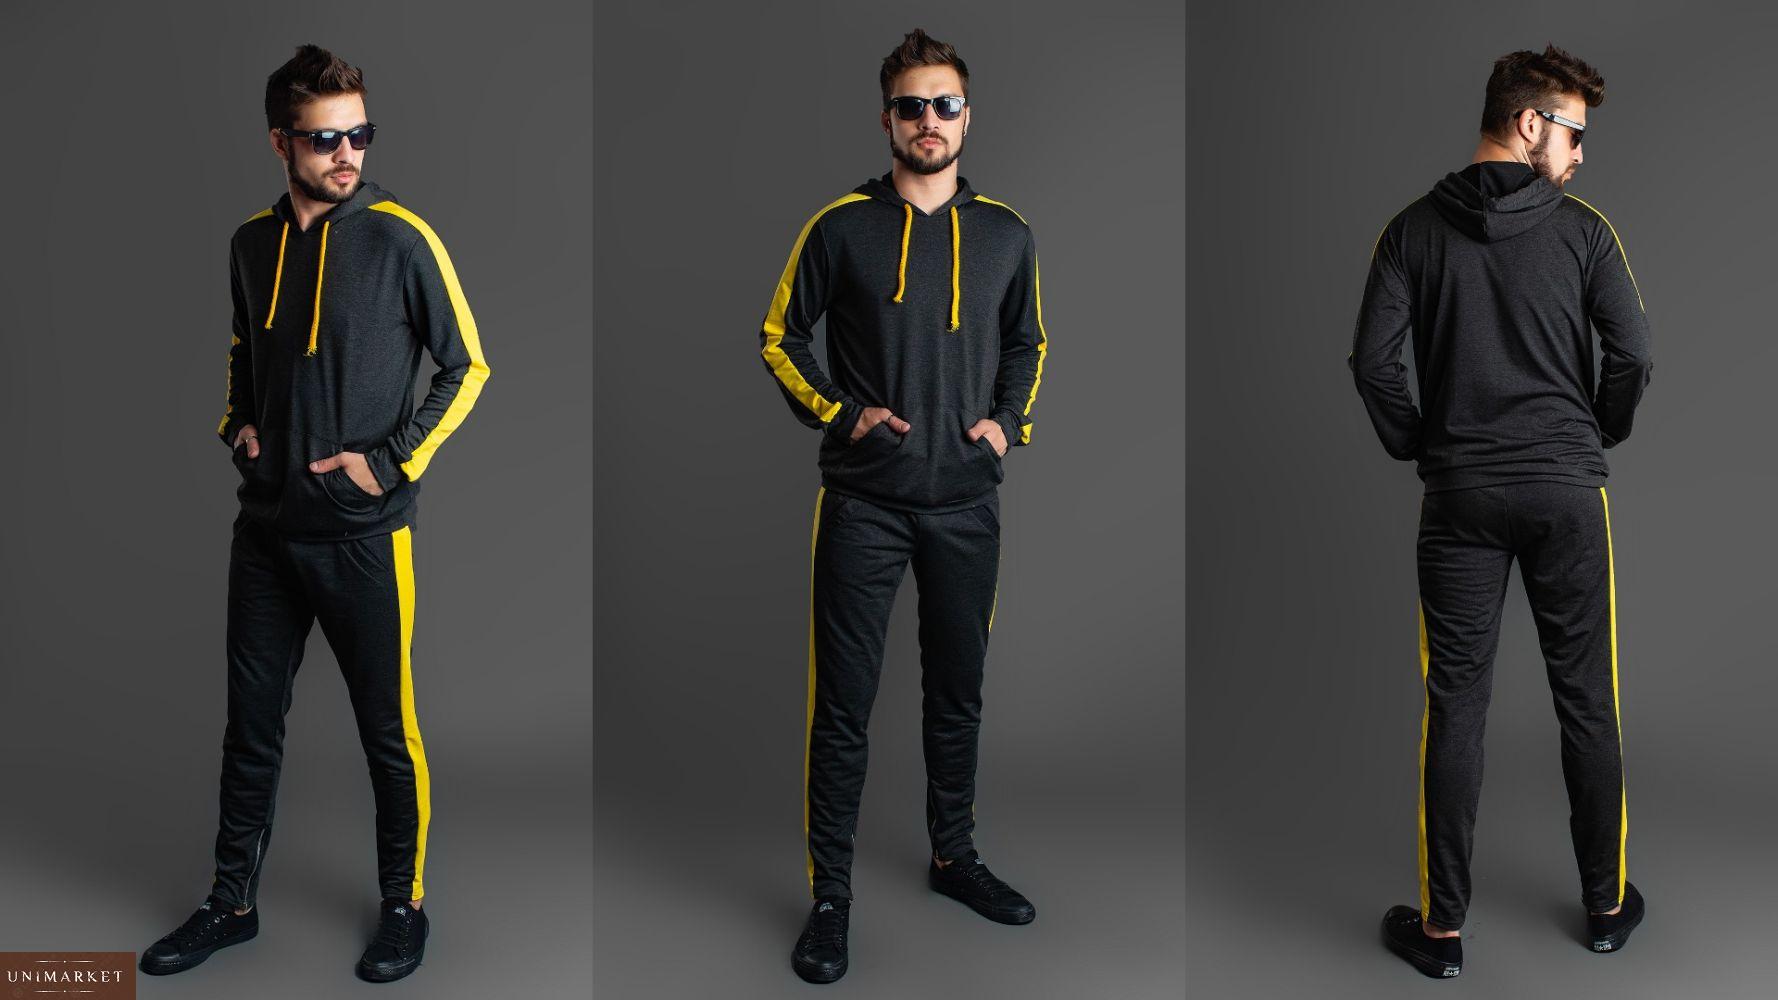 880c2b081b8d7 Заказать графитовый костюм мужской спортивный с лампасами в интернете. Спортивный  костюм с лампасами цвета хаки ...